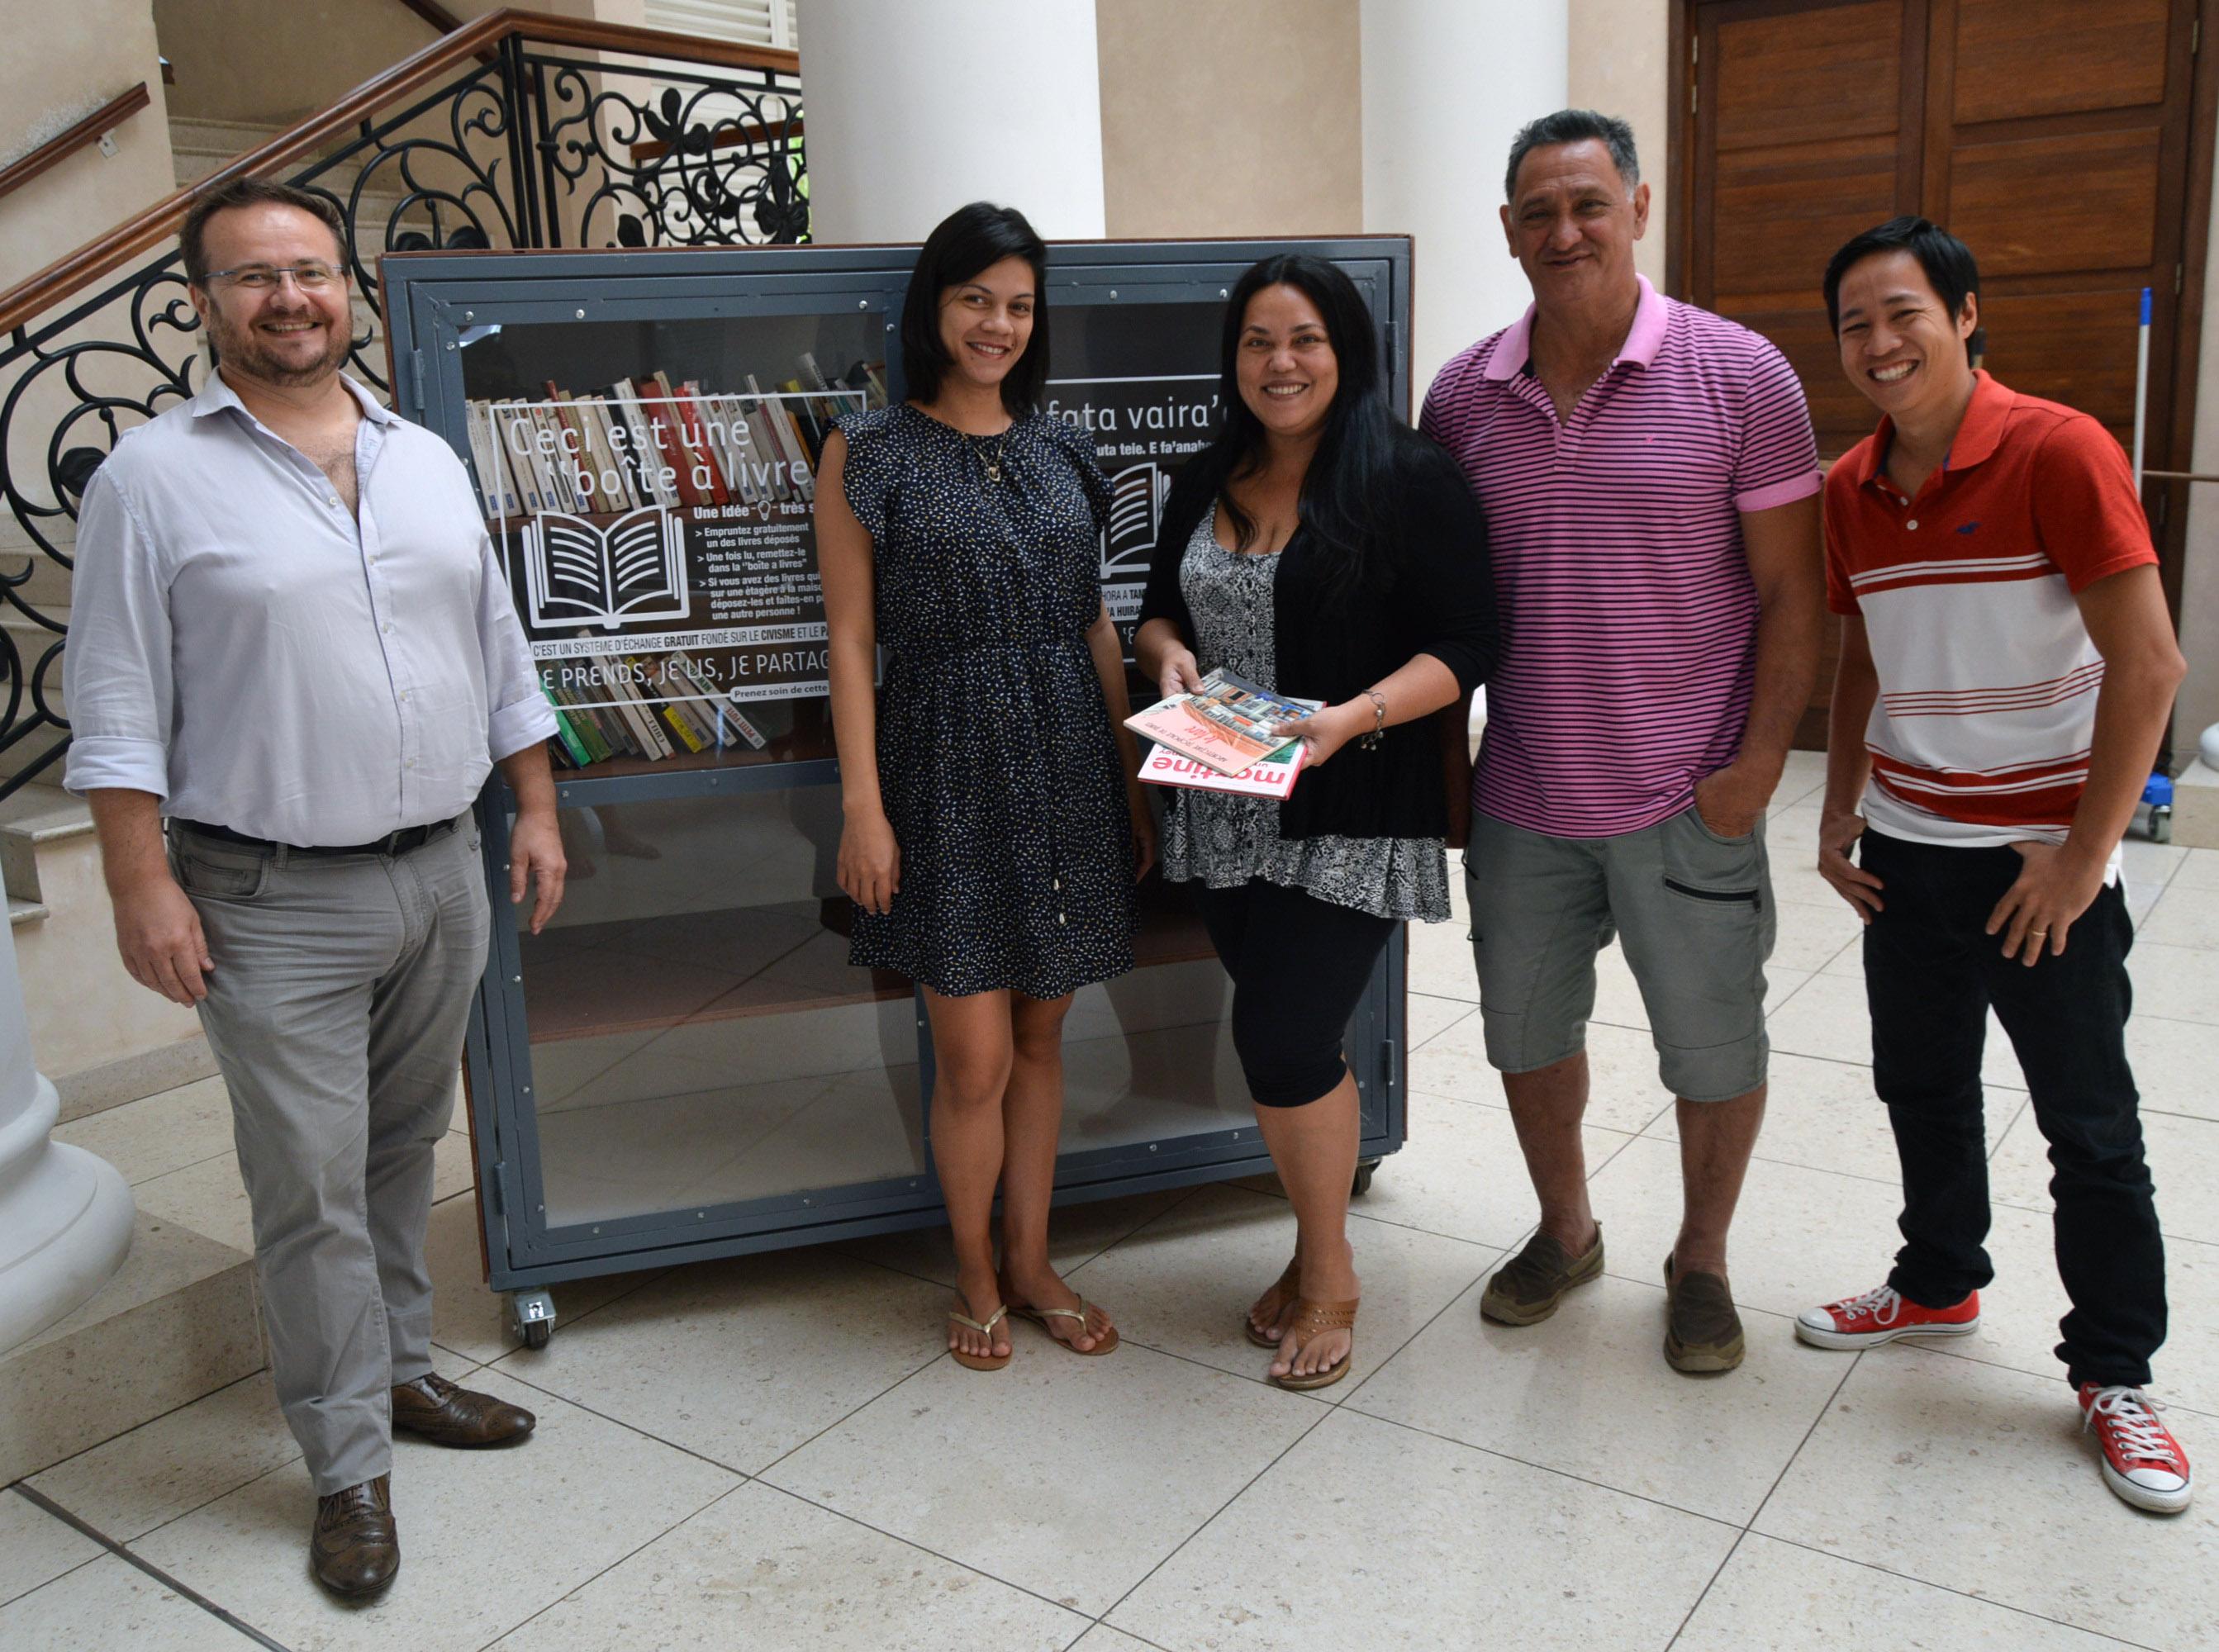 La première boite à livres est disponible dans le hall de la mairie de Pirae.